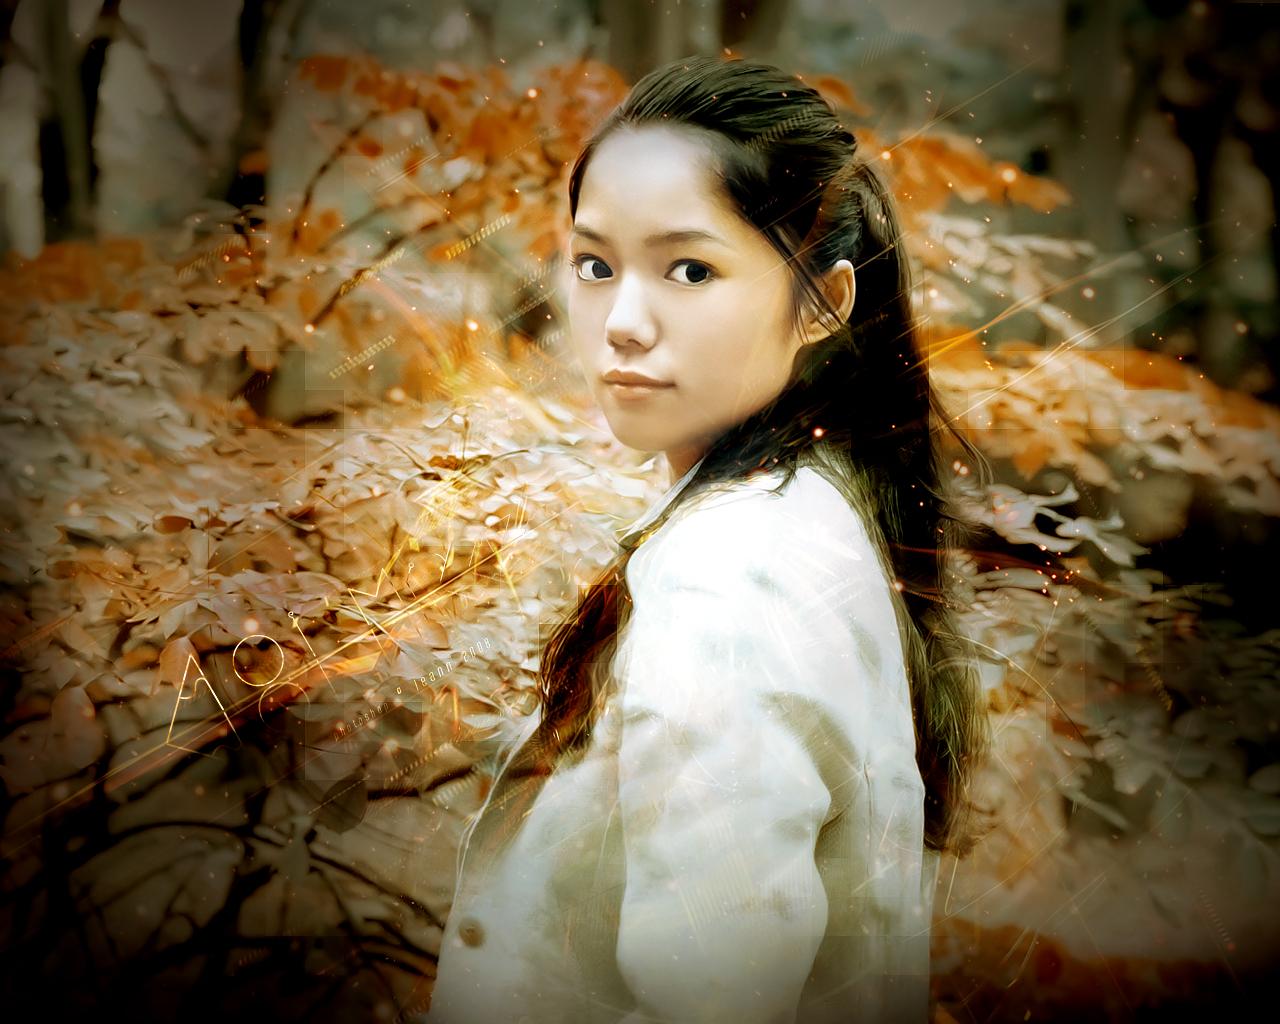 http://1.bp.blogspot.com/_S0seWV0VmsA/TVEnH9zQoaI/AAAAAAAAC1Q/A5g8RmRLd2c/s1600/AoiMiyazaki_1280%25C3%25971024.jpg